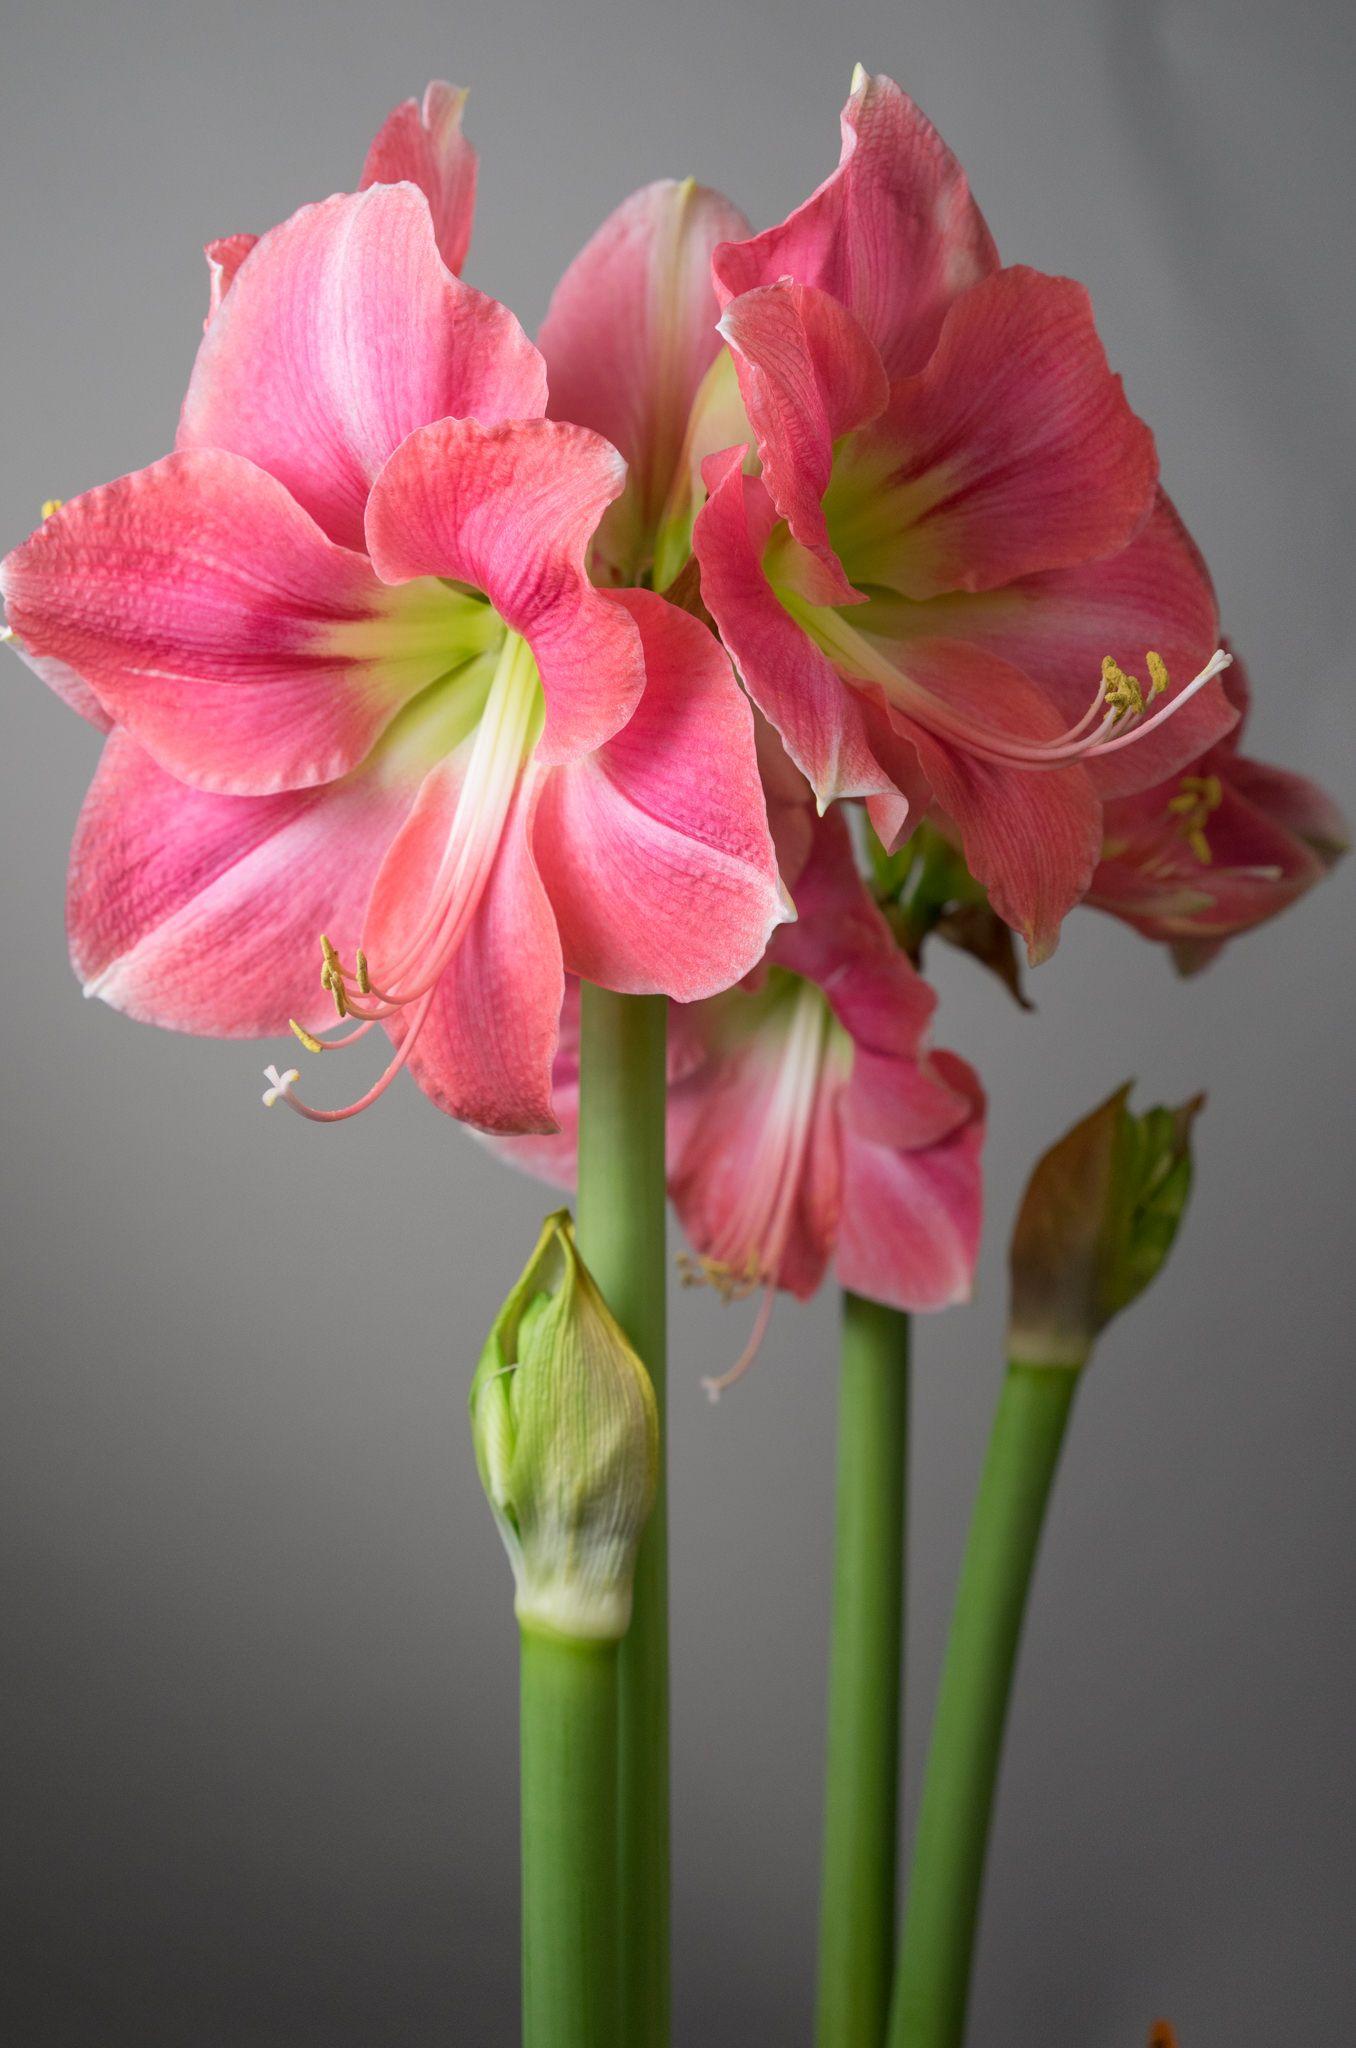 Amaryllis Bulbs Item 7074 Rosalie For Sale Amaryllis Bulbs Amaryllis Flowers Amaryllis